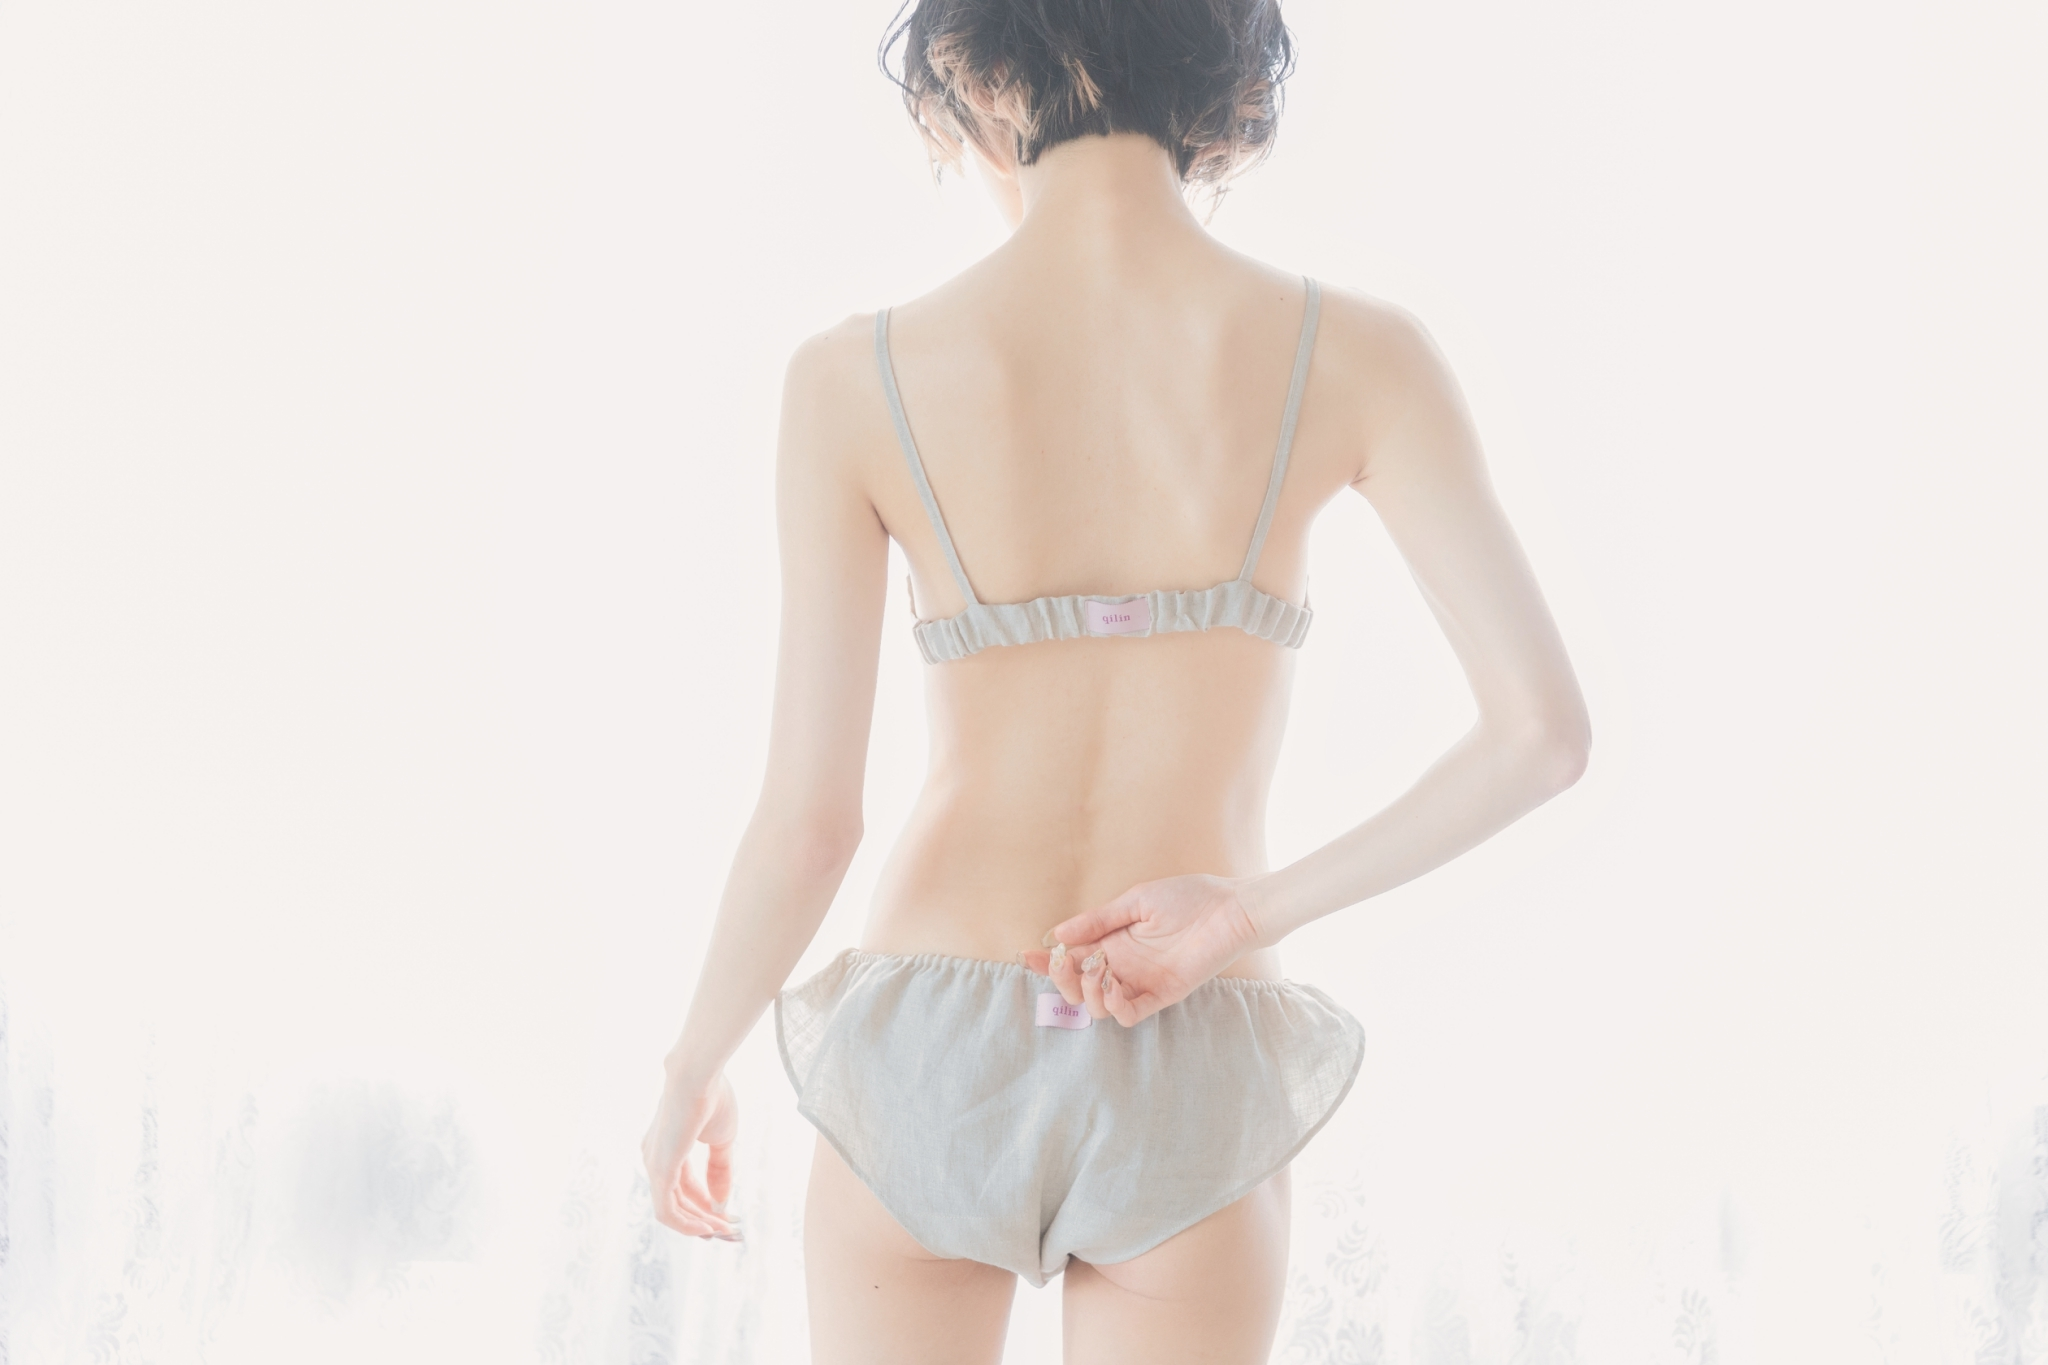 qilin underwear_191217_0013